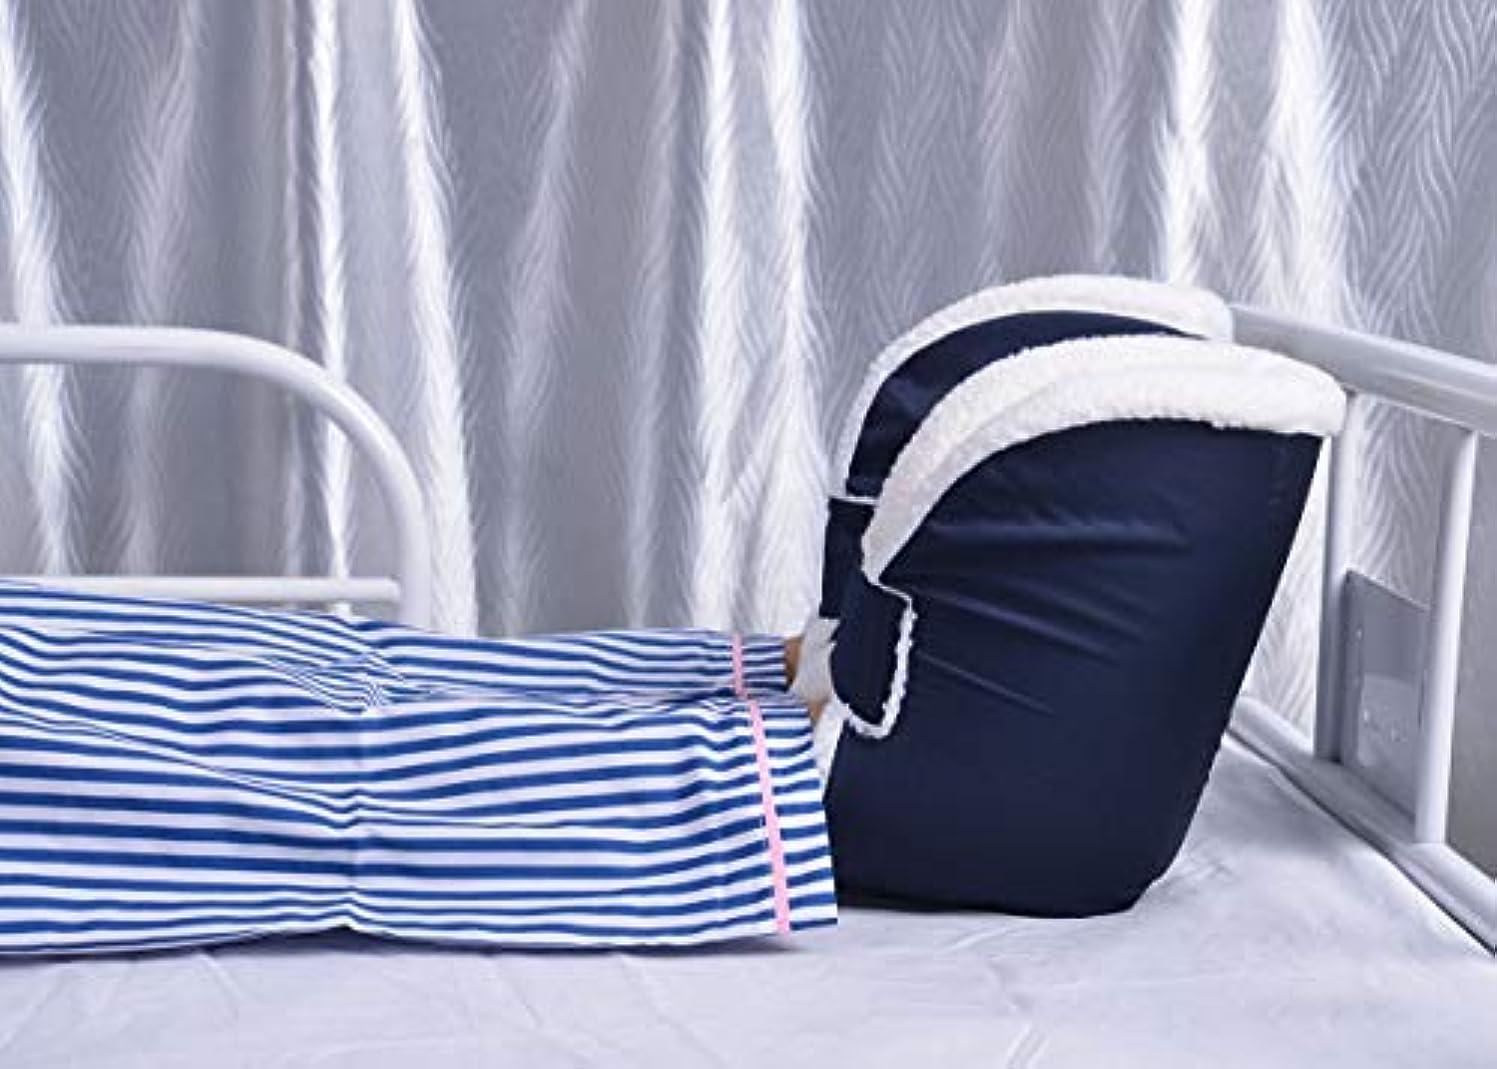 雰囲気頻繁にセージヒールプロテクター - 1組の褥瘡足パッド枕 - かかと、足、足首&肘用ブーツ枕 - ワンサイズ